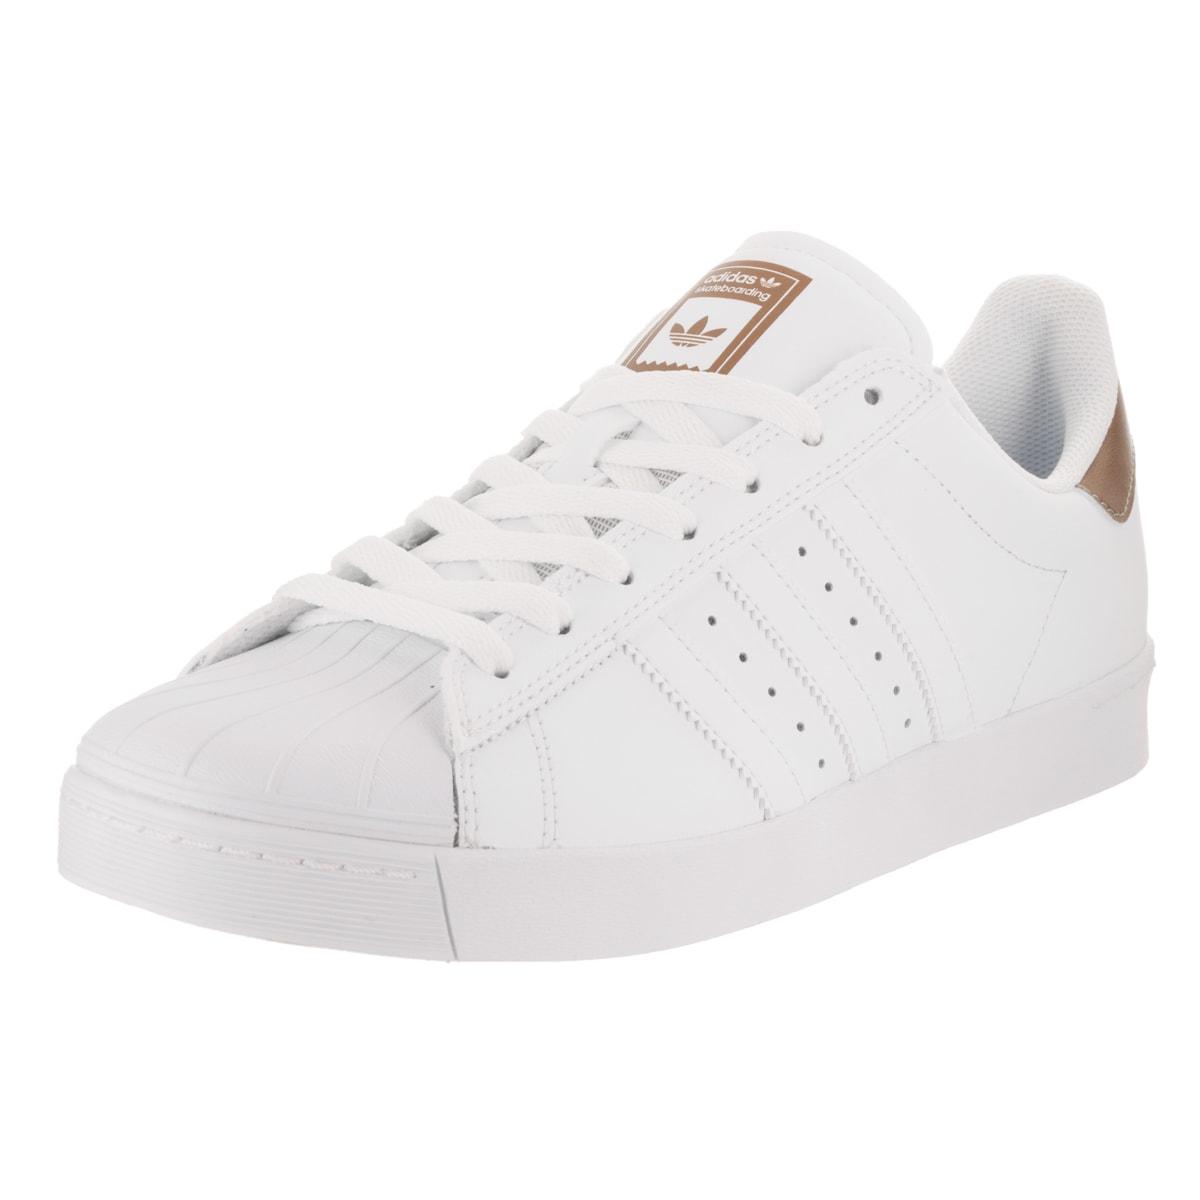 Adidas Men's Superstar Vulc Adv Skate Shoe (10.5), White ...